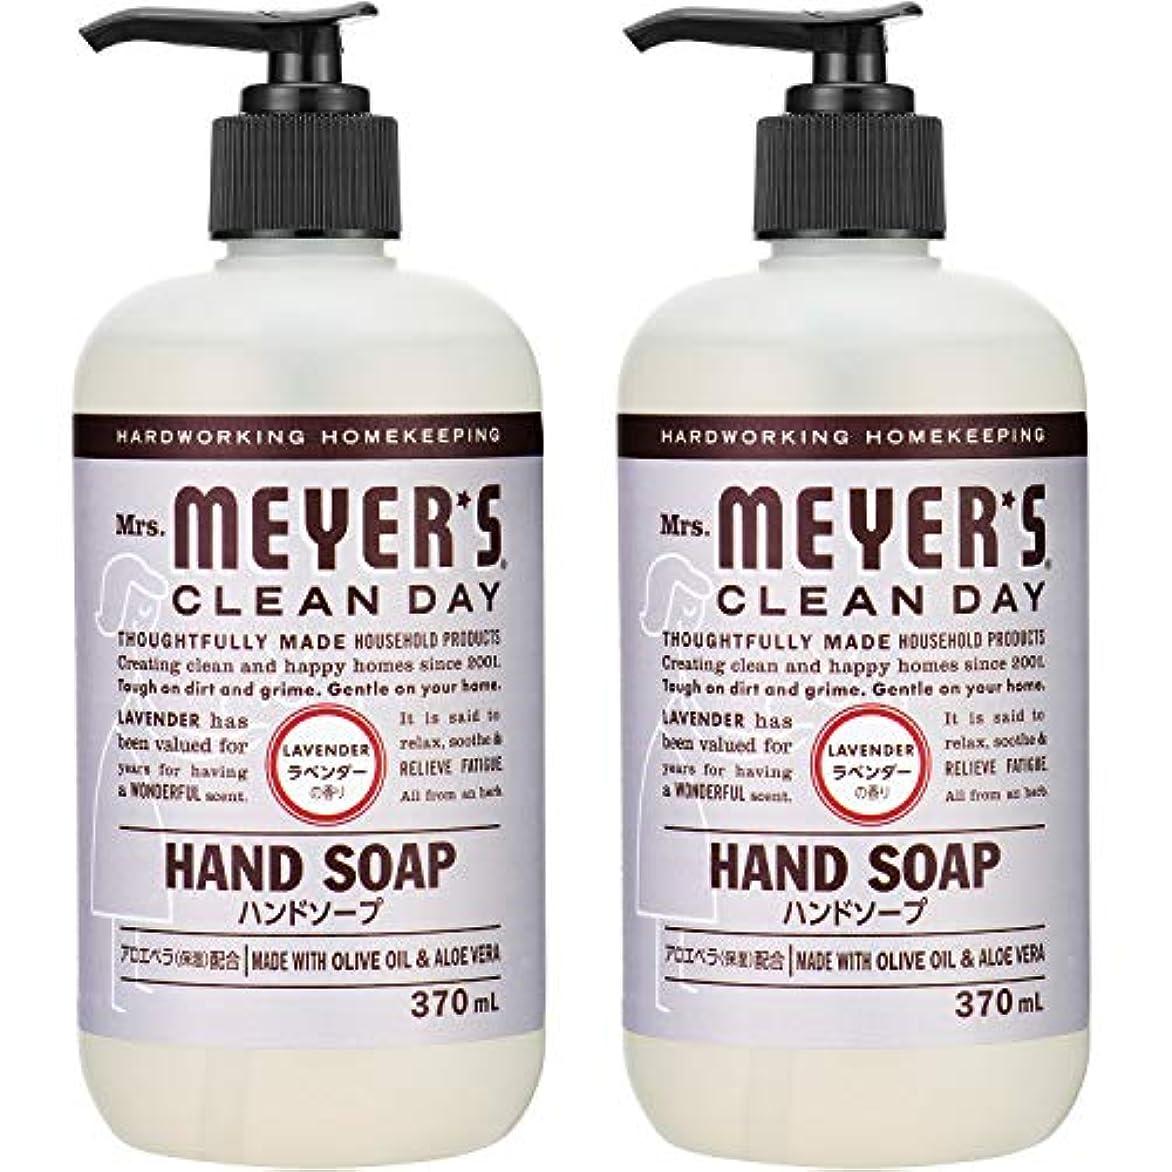 方法種をまくニコチンMrs. MEYER'S CLEAN DAY(ミセスマイヤーズ クリーンデイ) ミセスマイヤーズ クリーンデイ(Mrs.Meyers Clean Day) ハンドソープ ラベンダーの香り 370ml×2個